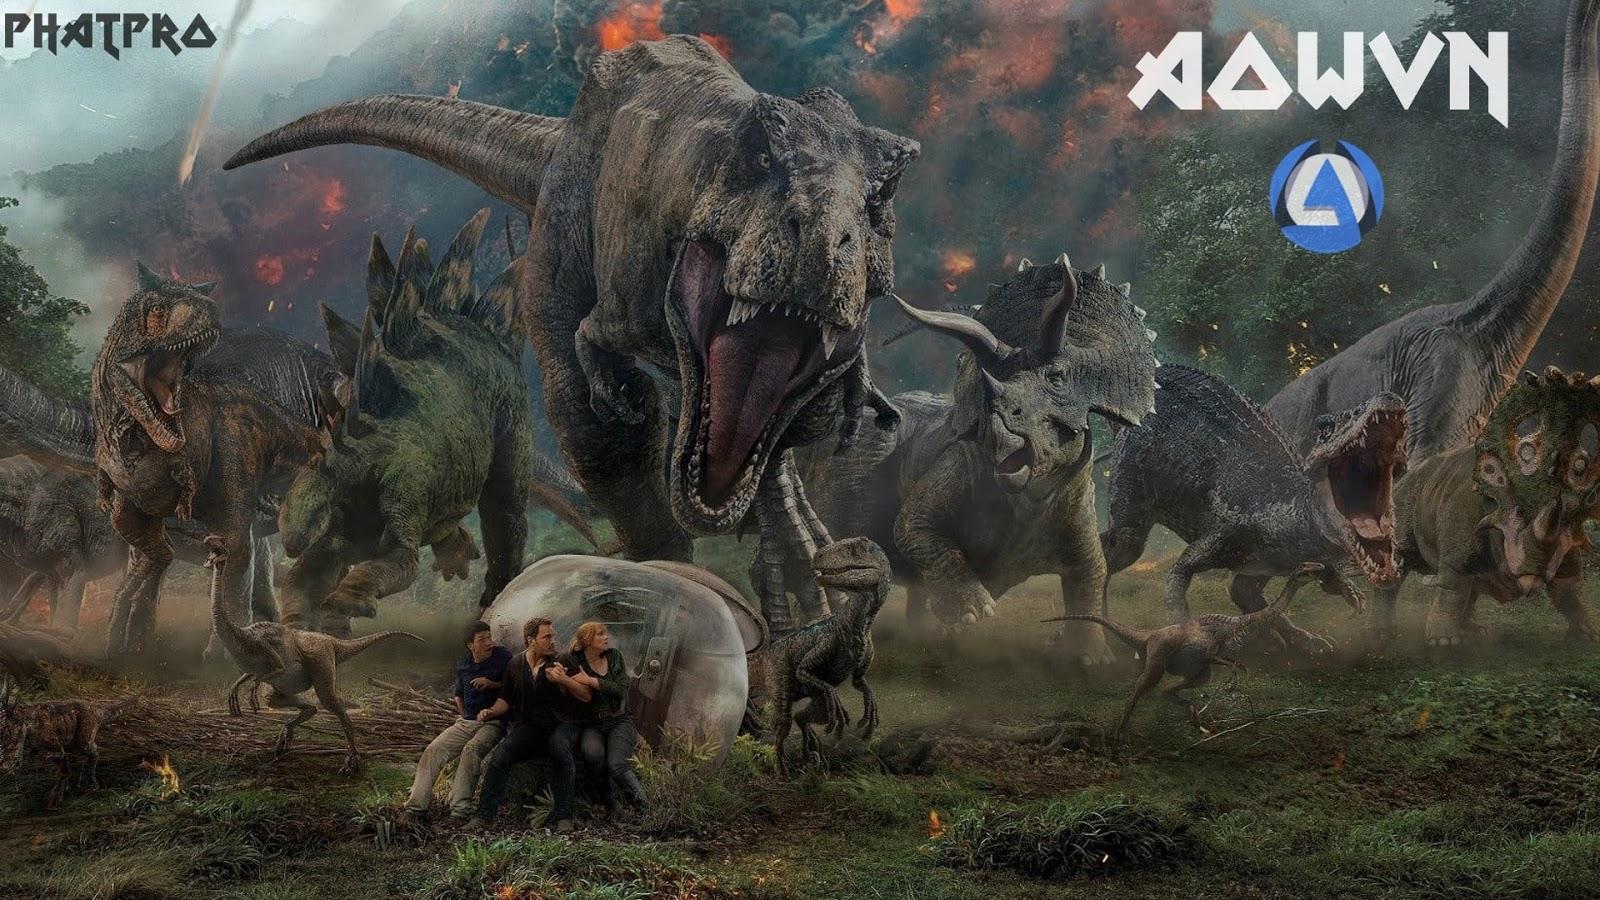 Jura%2B5%2B %2BPhatpro min - [ Phim 3gp Mp4 ] Tổng Hợp 5 Phần Jurassic Park + Jurassic World HD-BD | Vietsub - Bom Tấn Mỹ Siêu Hay